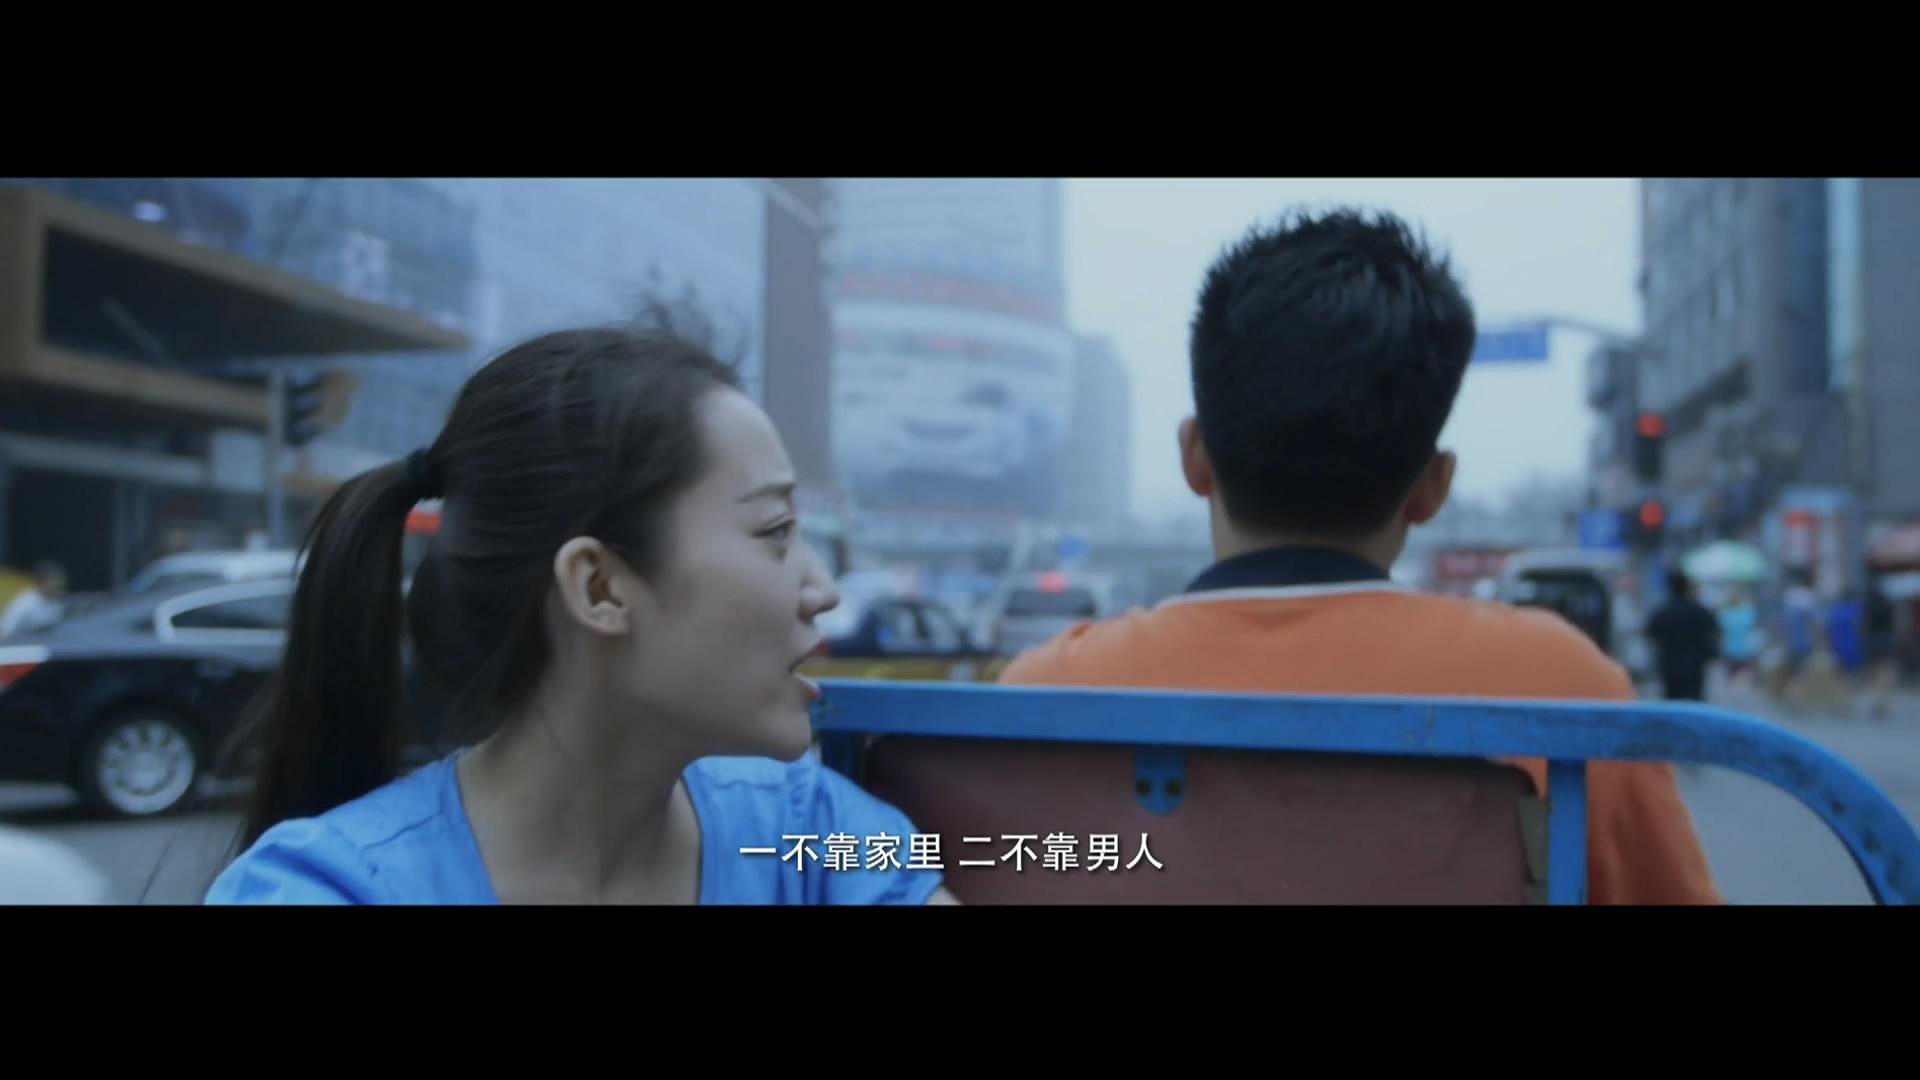 爱人的欲望bt下载_[BT下载][欲望爱人 2014][HD-MP4/1.7G][国语中字][720P] 电影下载 2014 ...